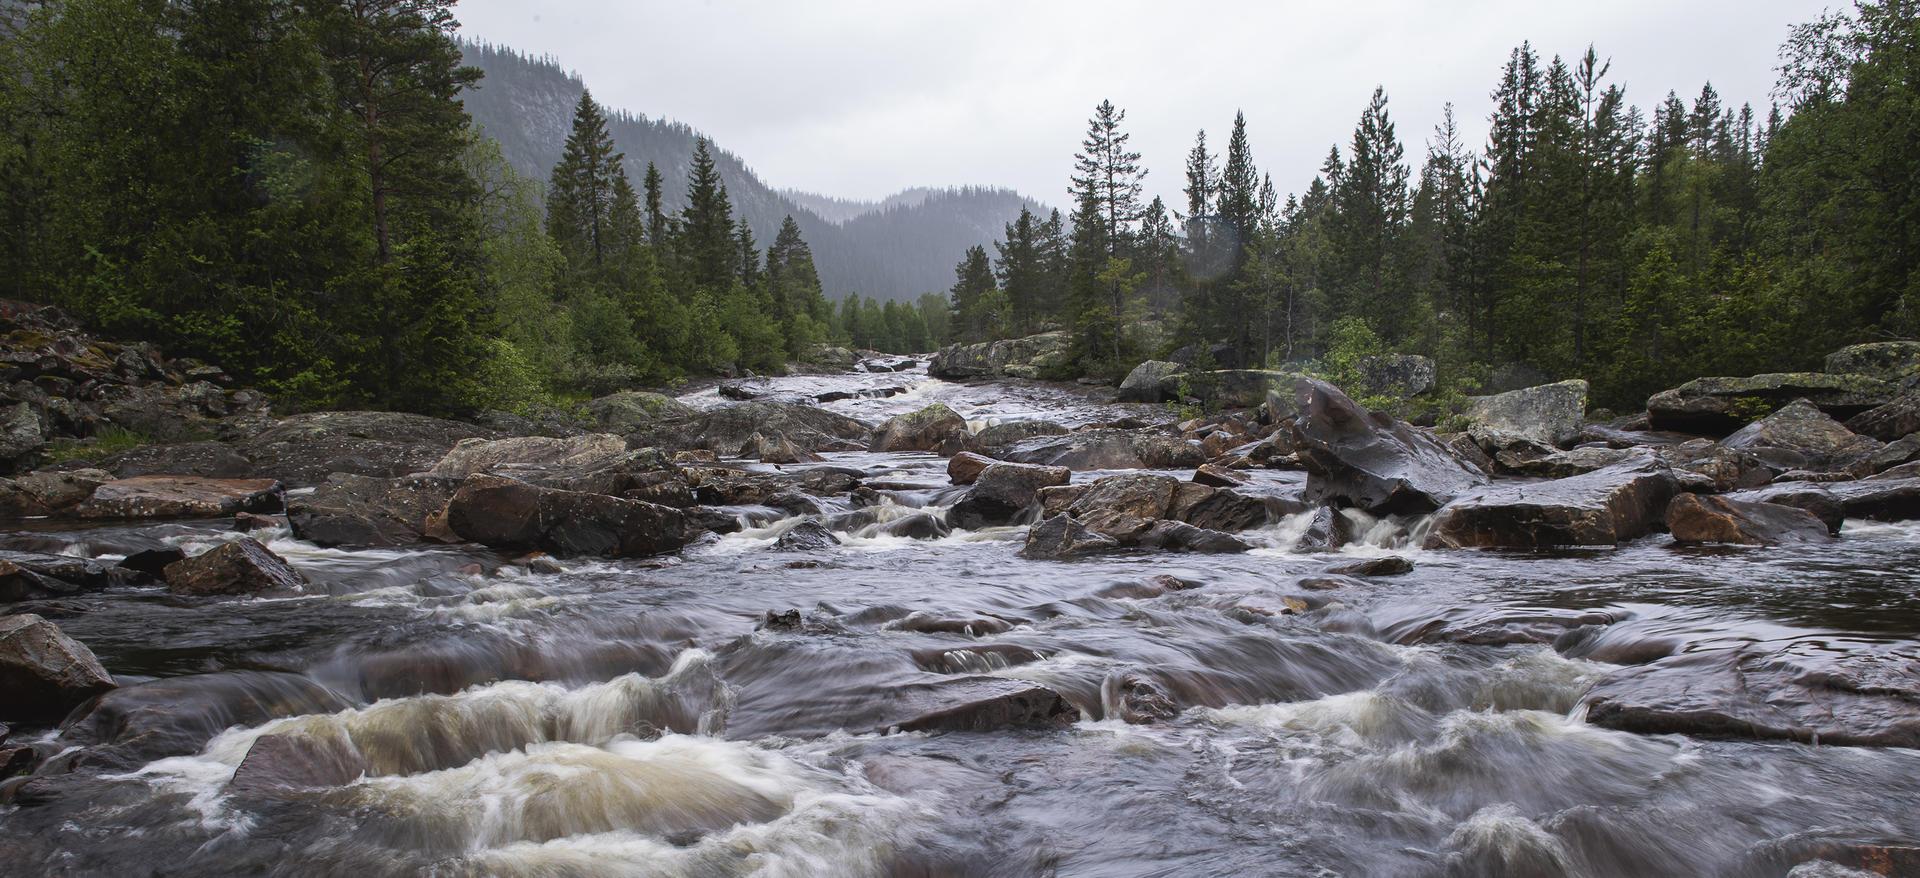 Rennende vann og skog